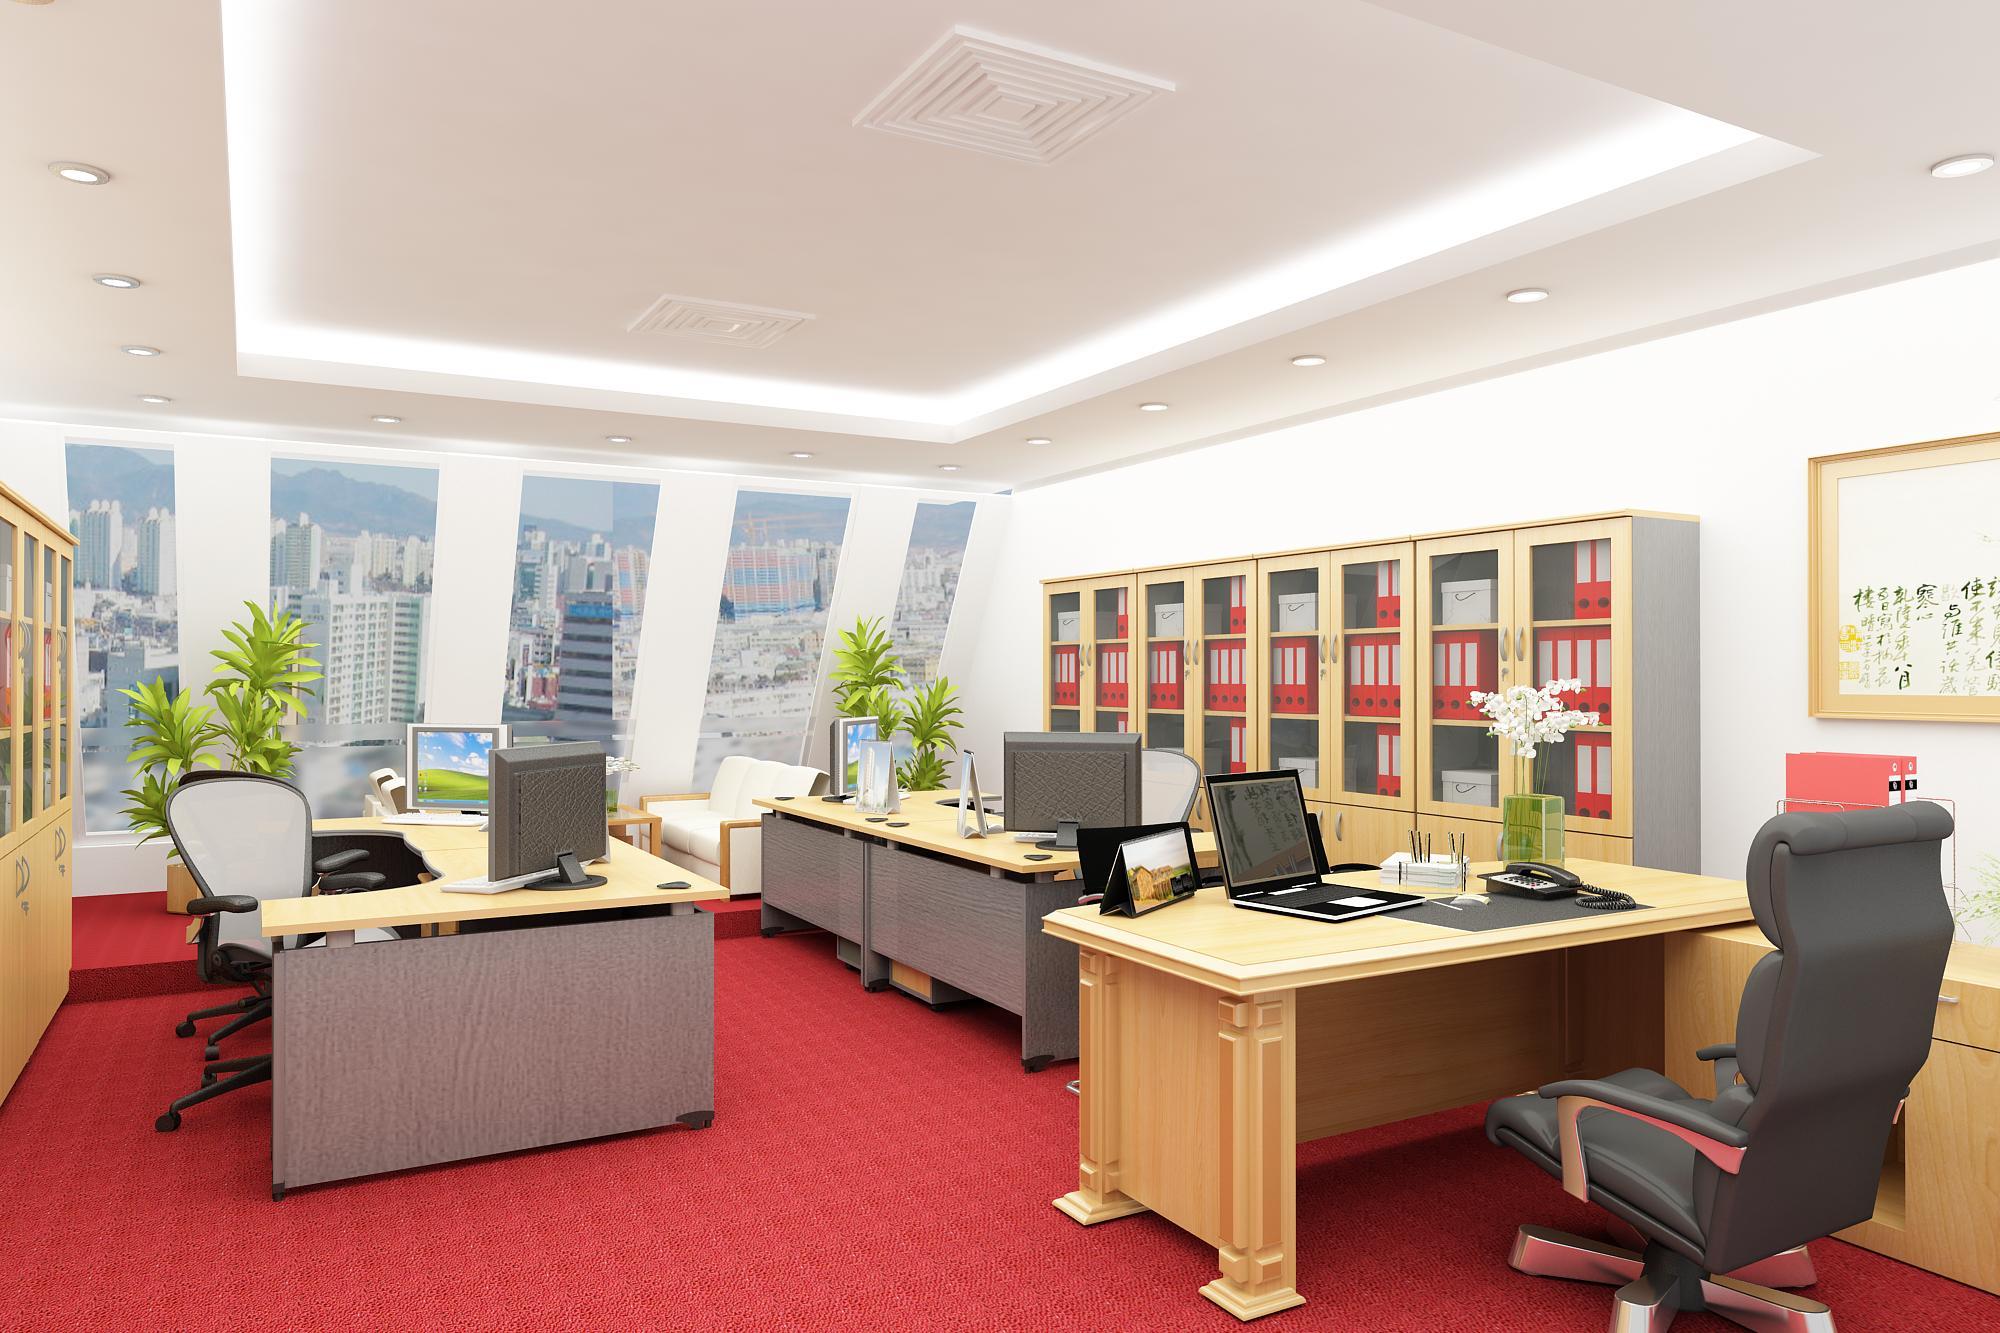 Ký hợp đồng BCC có được thành lập văn phòng điều hành không?